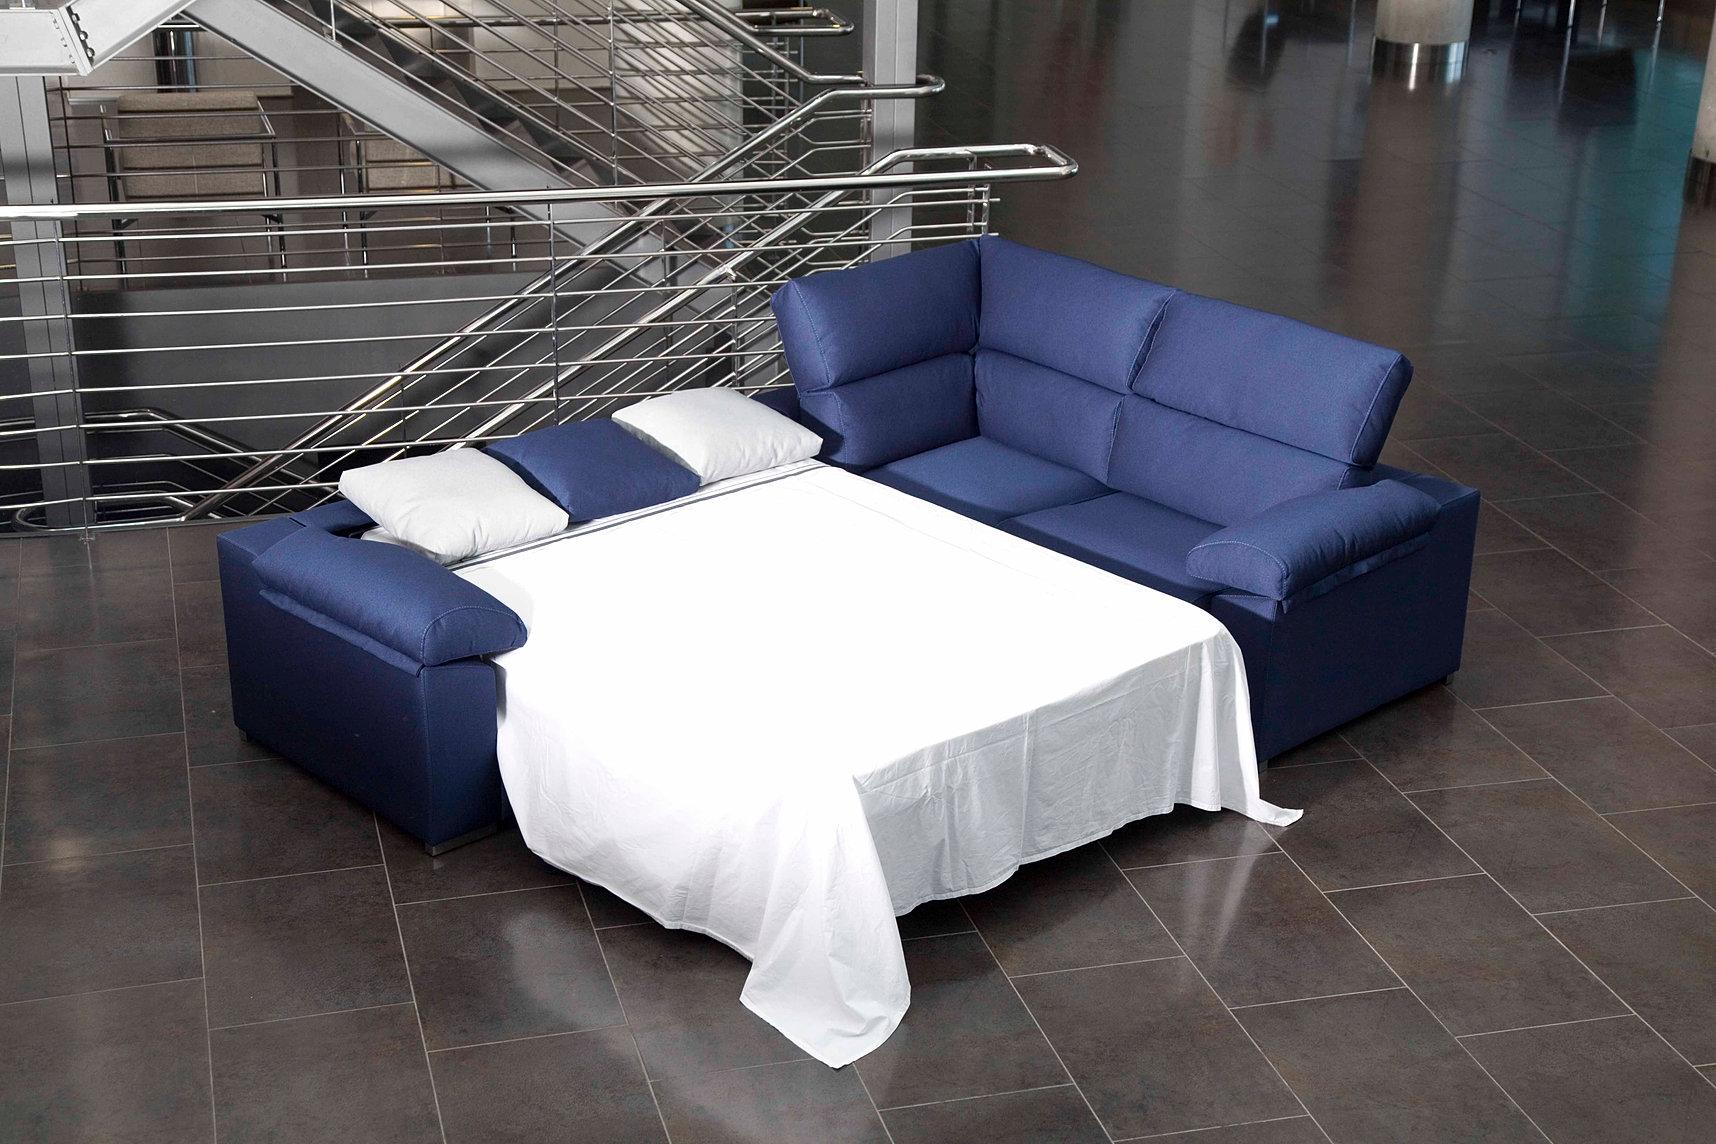 Sofass sevilla sof s cama en sevilla for Sofa cama sevilla